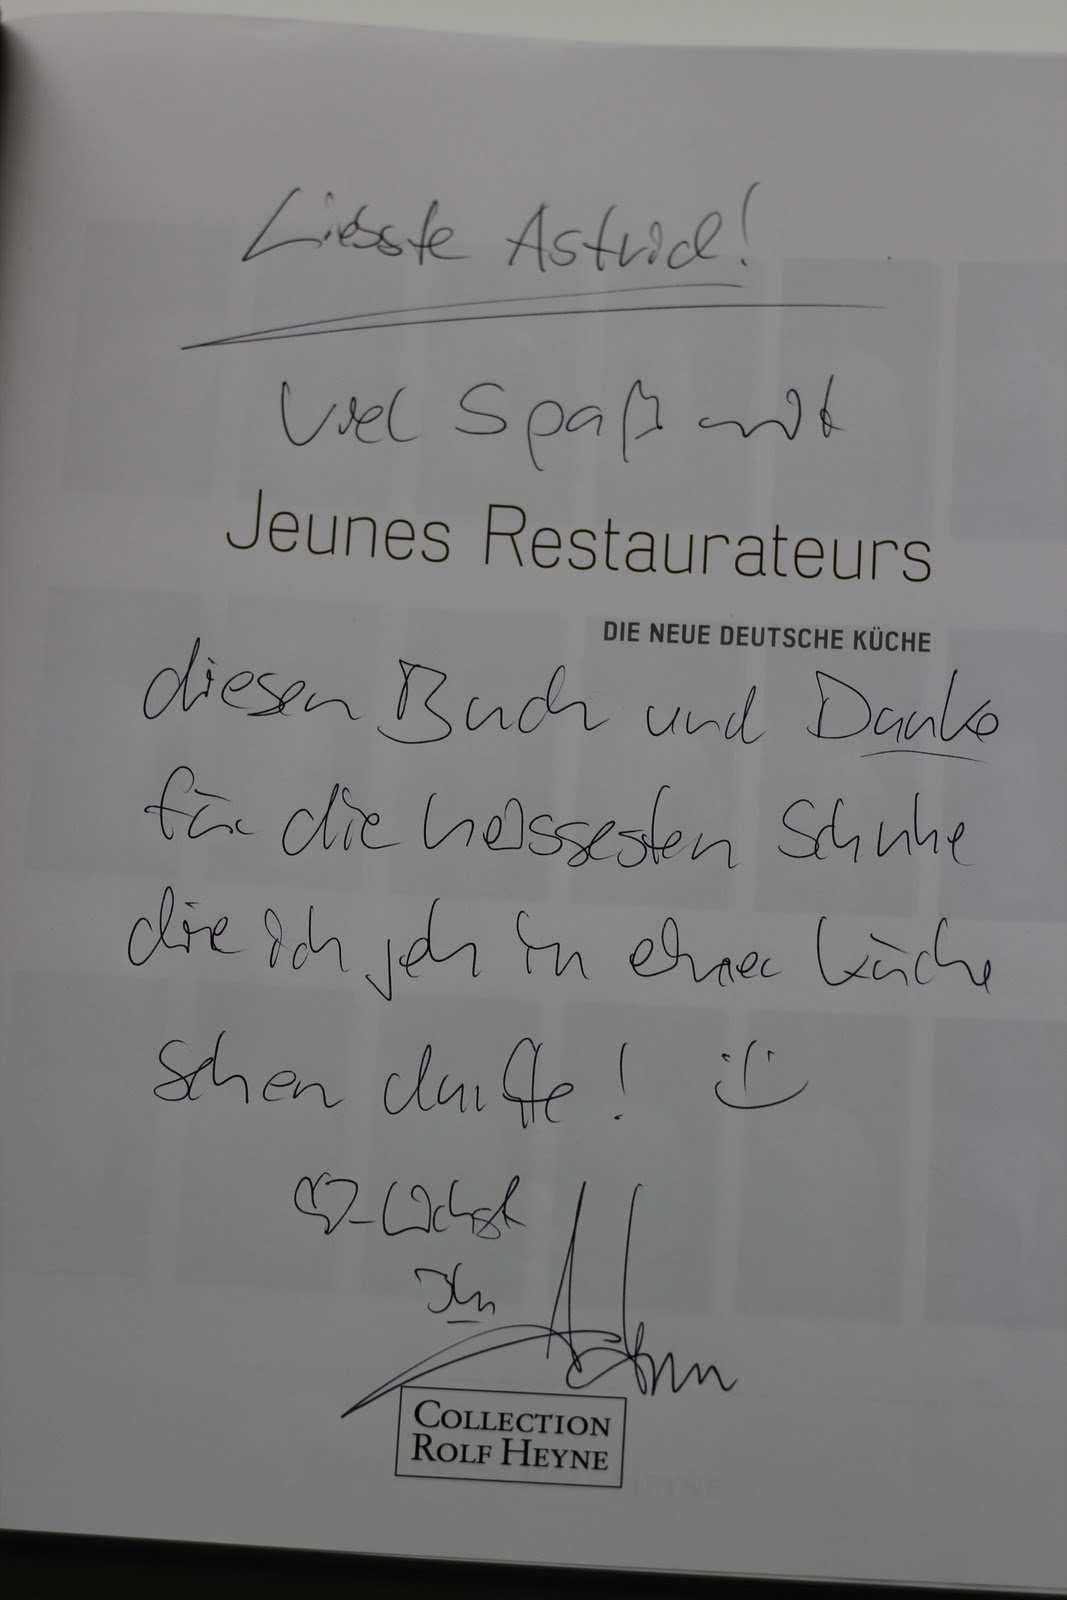 Widmung Zum Geburtstag Im Buch Widmung Geburtstag Wunsche Spruche